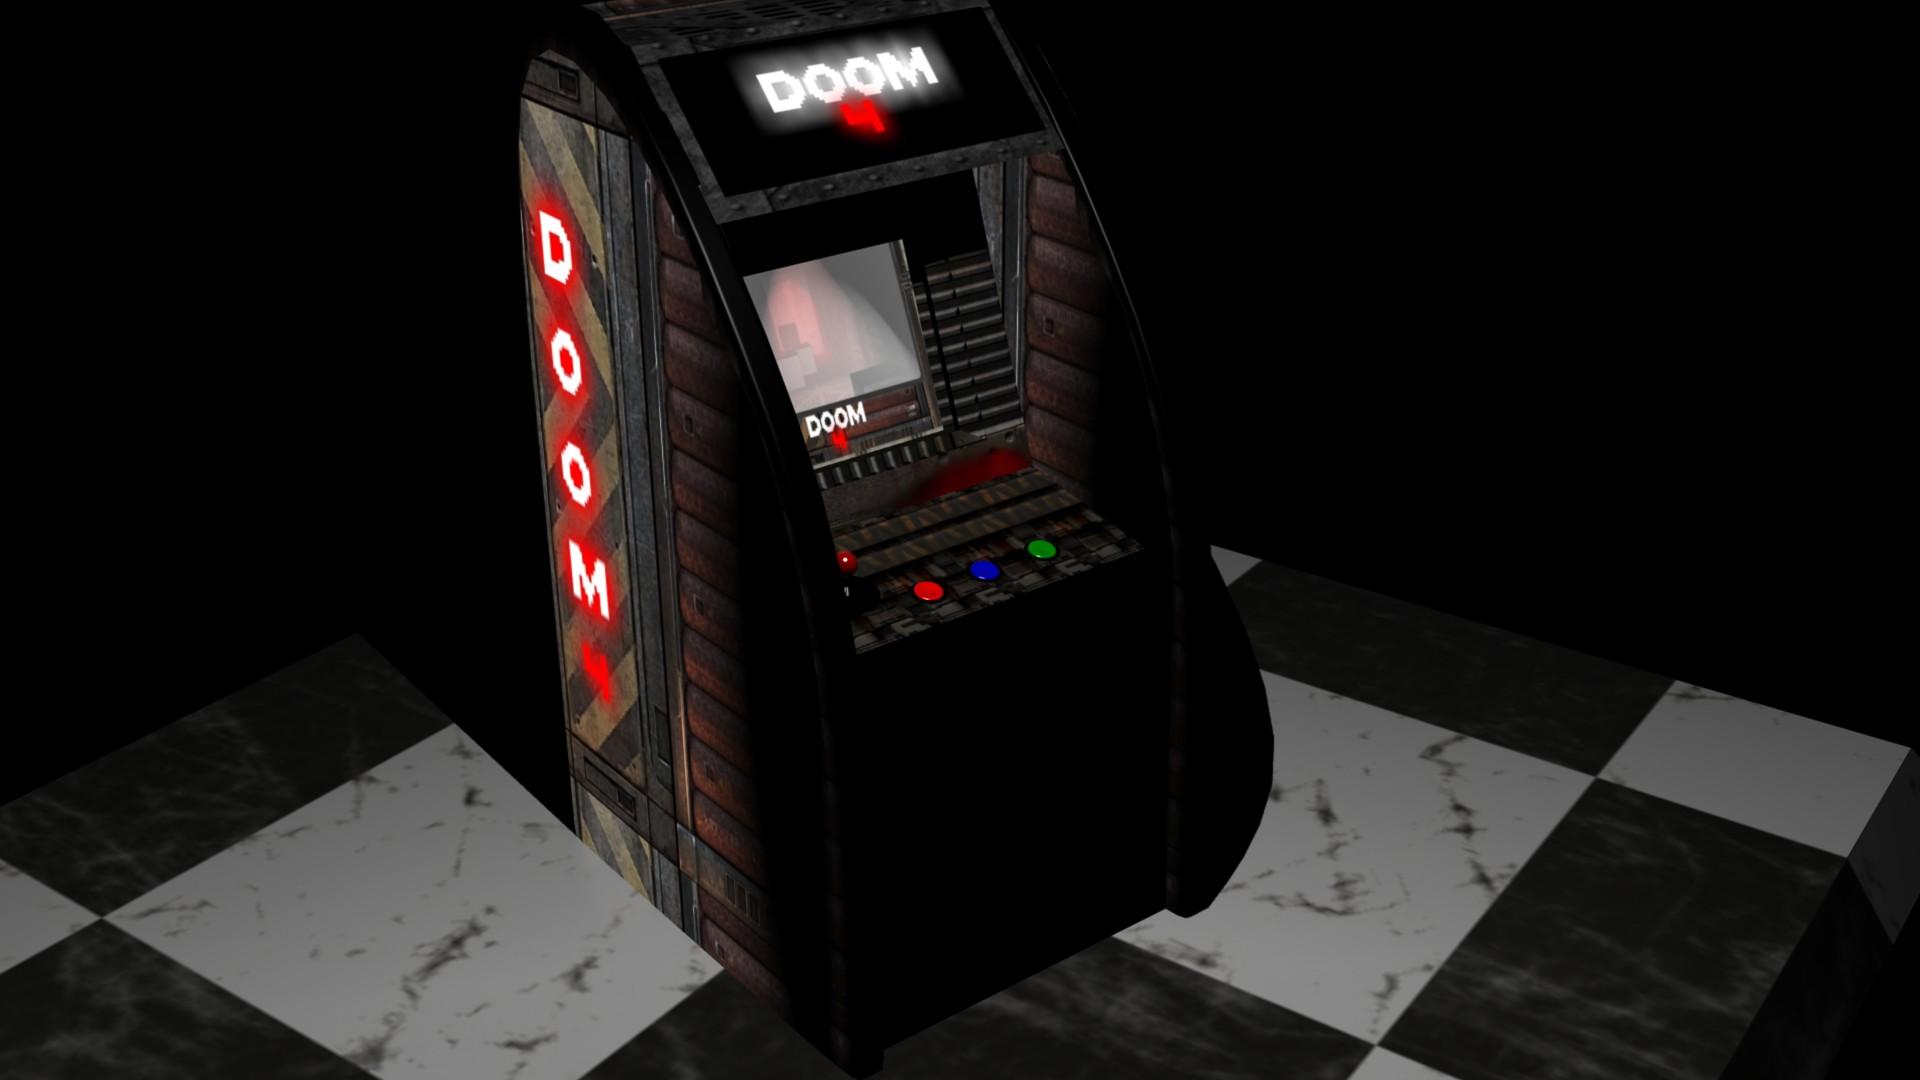 Doom 4: Front